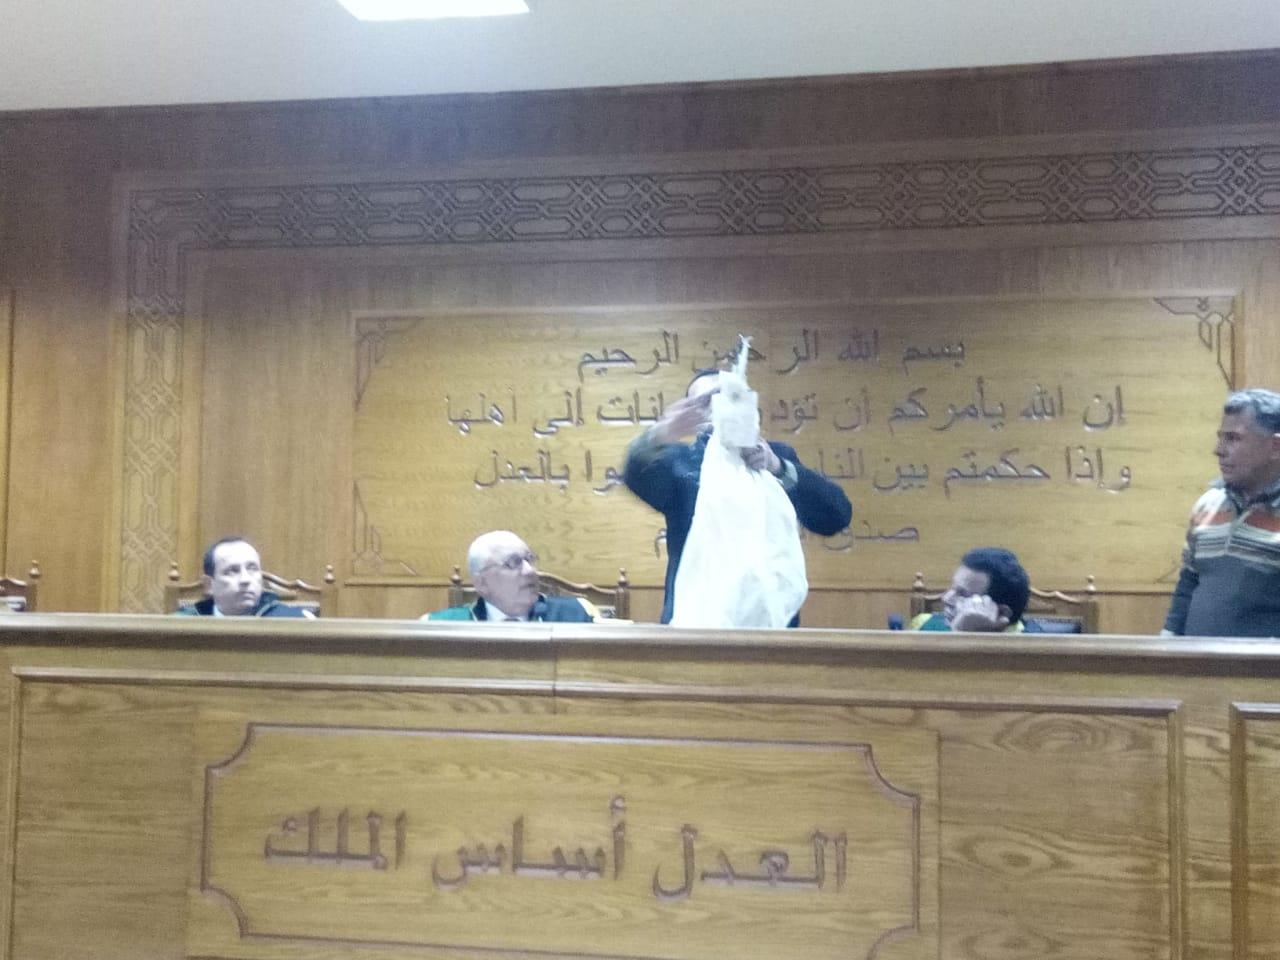 هيئة المحكمة برئاسة المستشار محمد سعيد الشربينى تفض احراز العائدون من ليبيا (9)